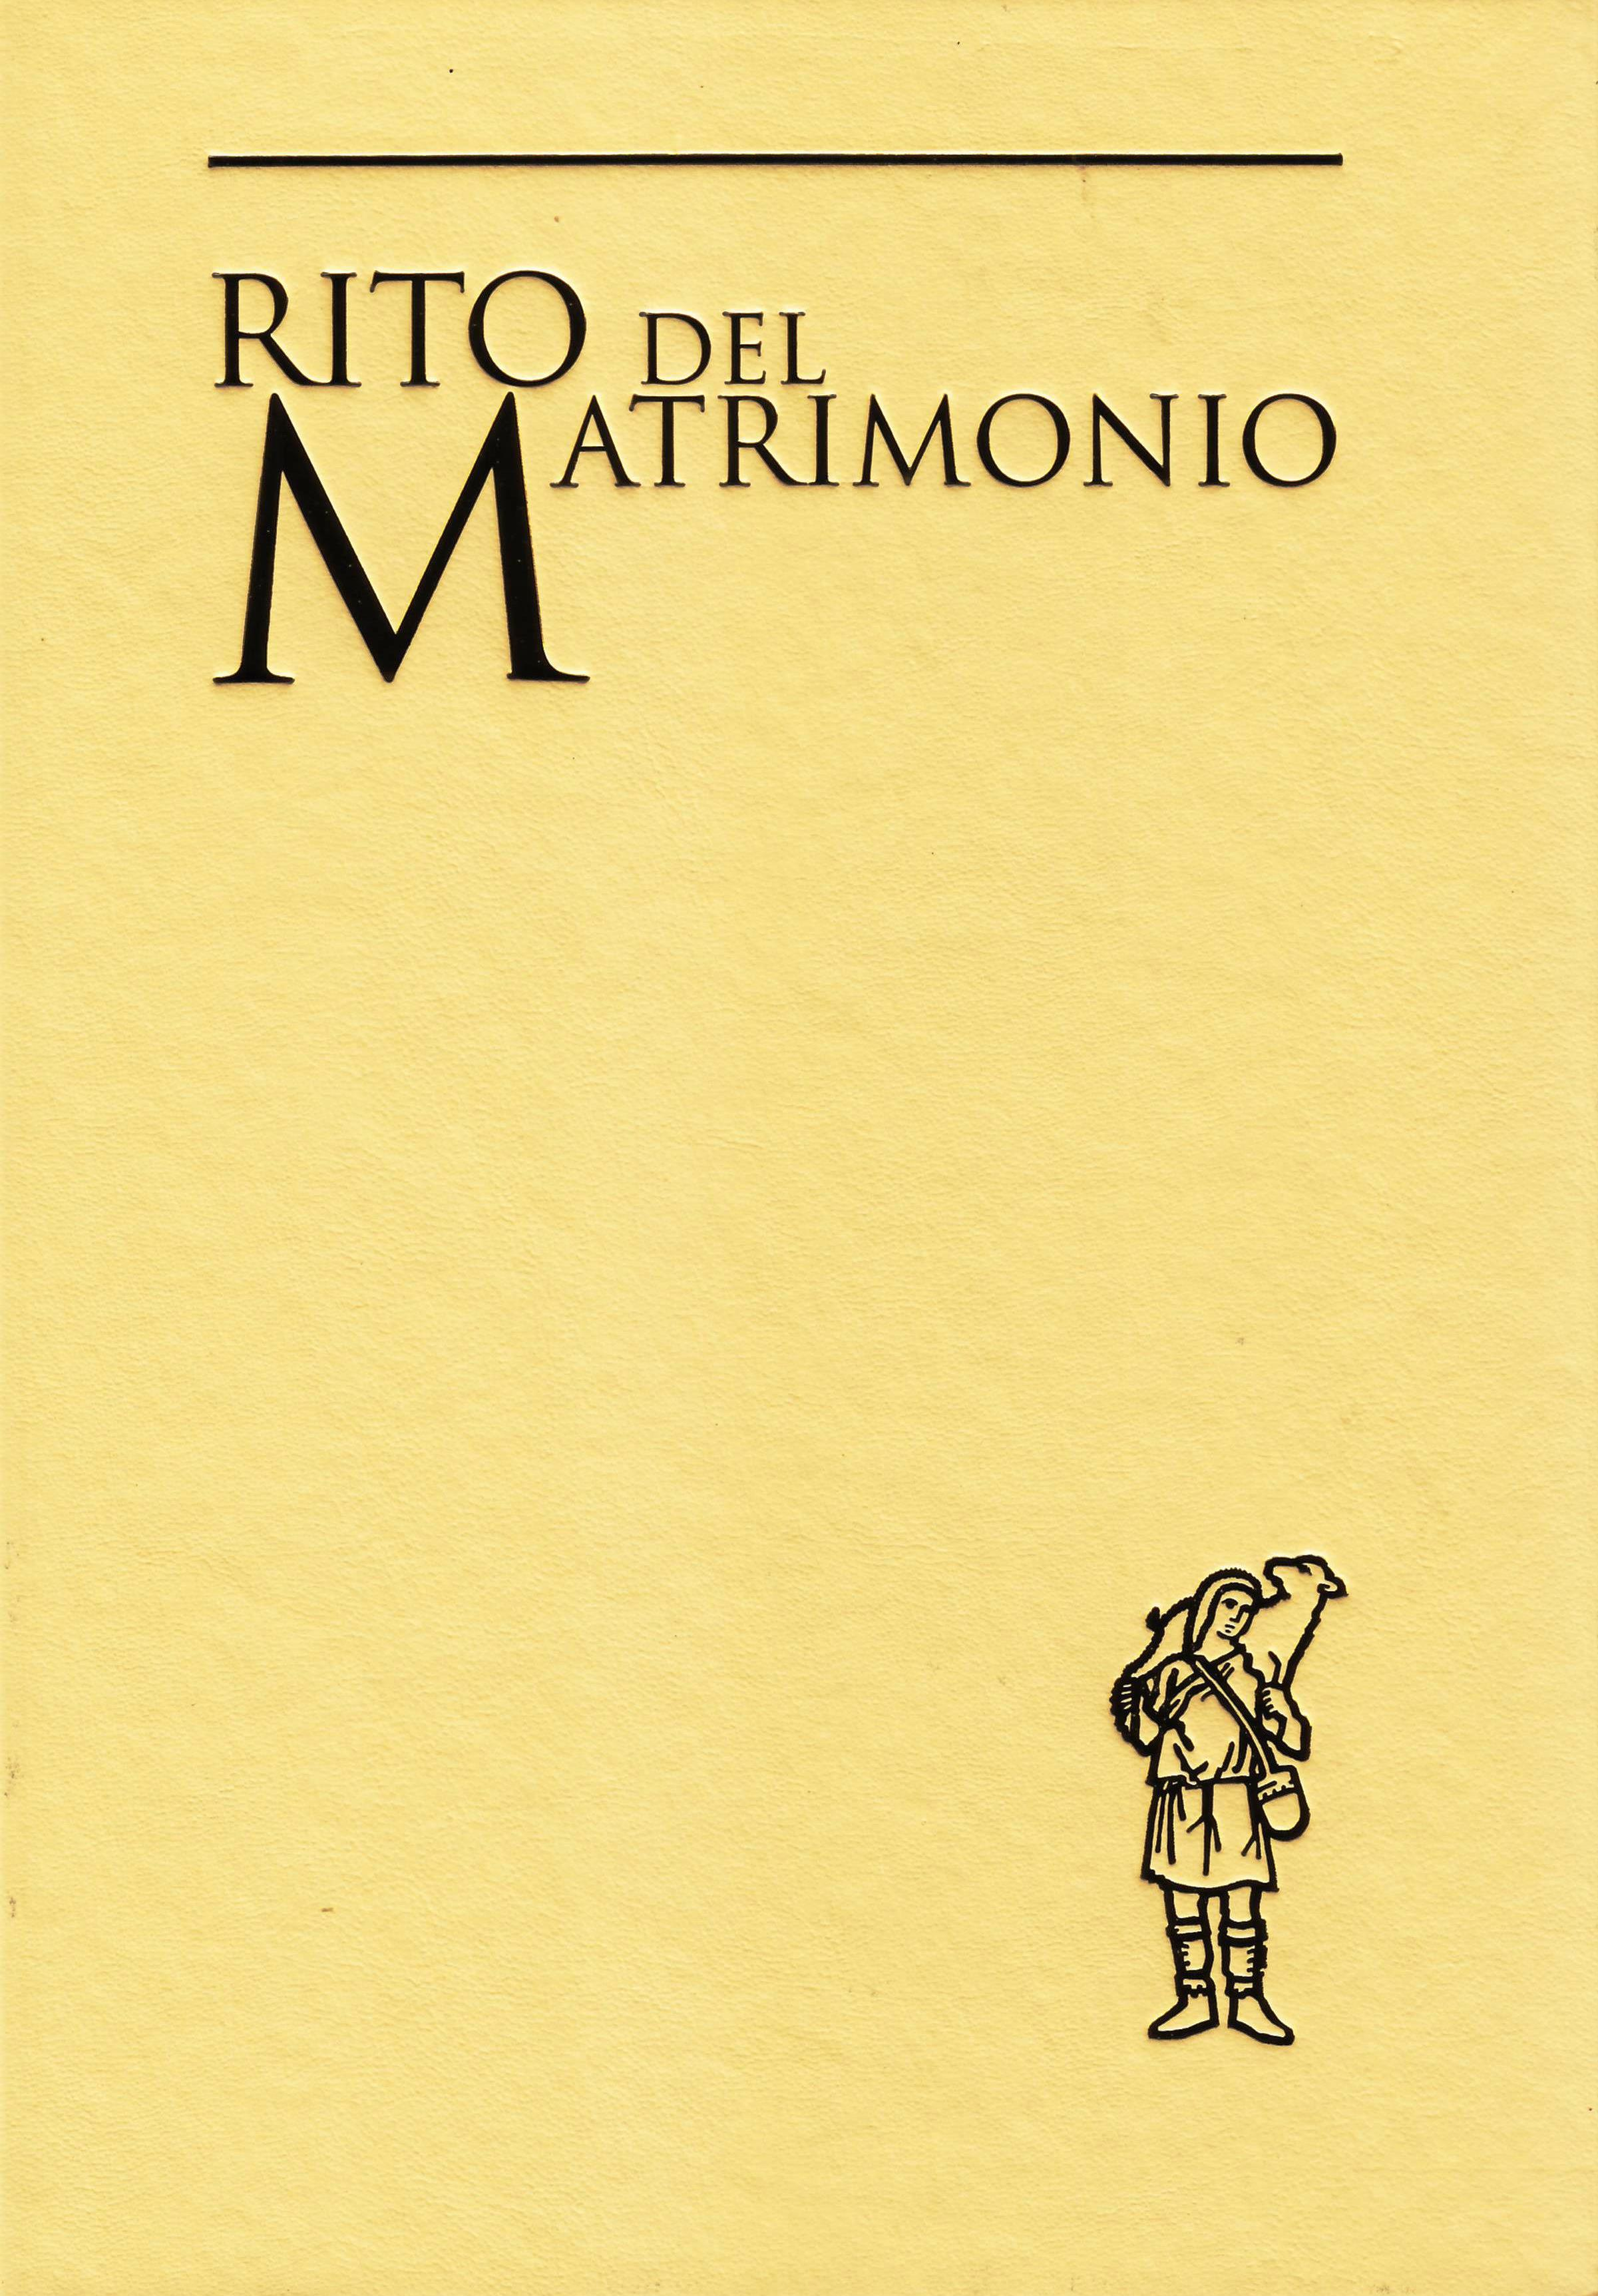 Matrimonio Rito Romano Libretto : File rituale romano rito del matrimonio g wikipedia